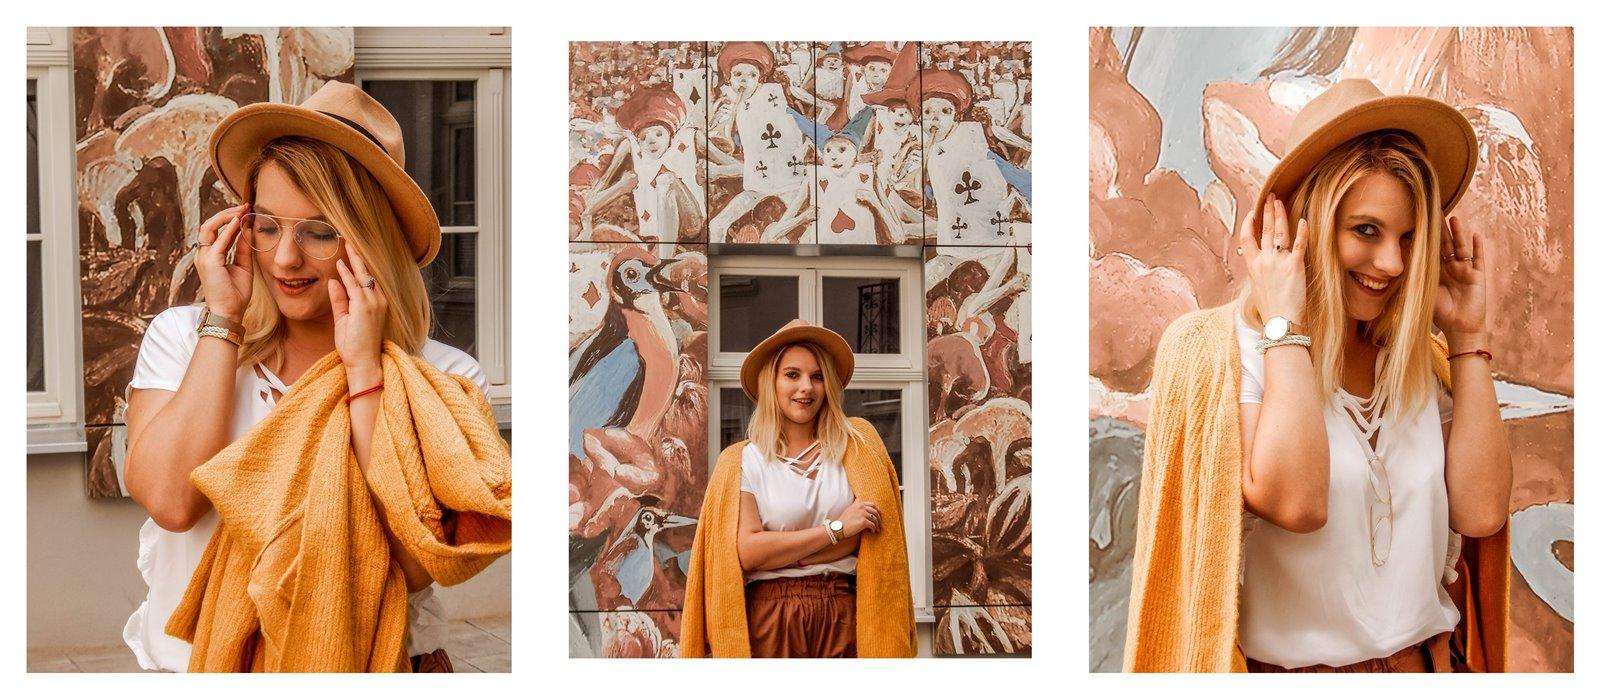 2 łódź podwórko artystyczne przy ul. Więckowskiego 4 murale łódzkie graffiti artystyczne podwórka miejsca które warto zobaczyć instafriendly miejsca w łodzi na sesje zdjęciowe dla blogerów ładne piękne kolorowe